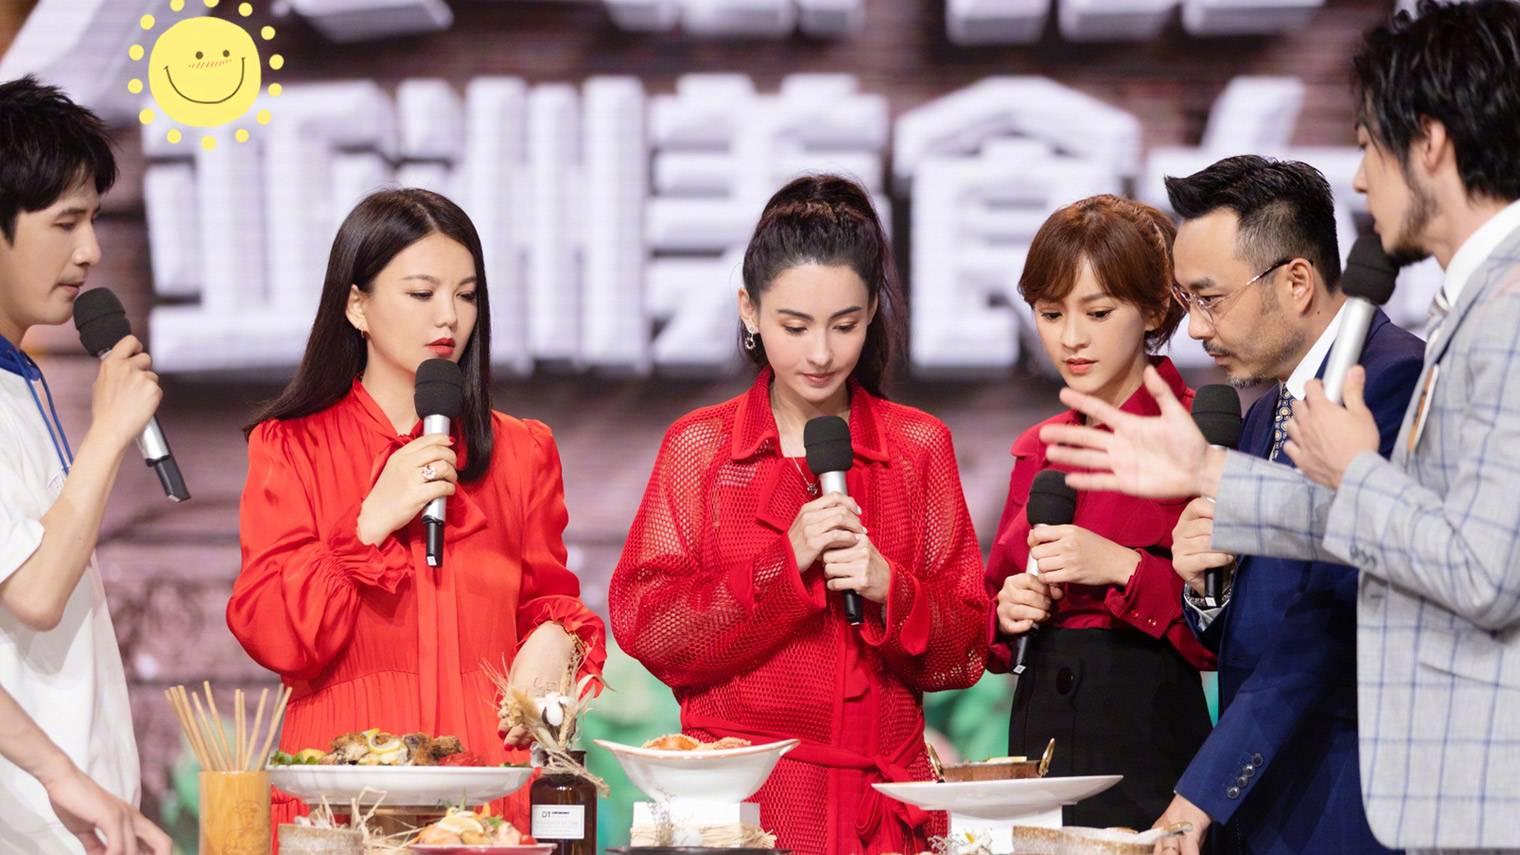 李湘、叶璇扎堆淘宝直播,带货力会强过网红主播吗?